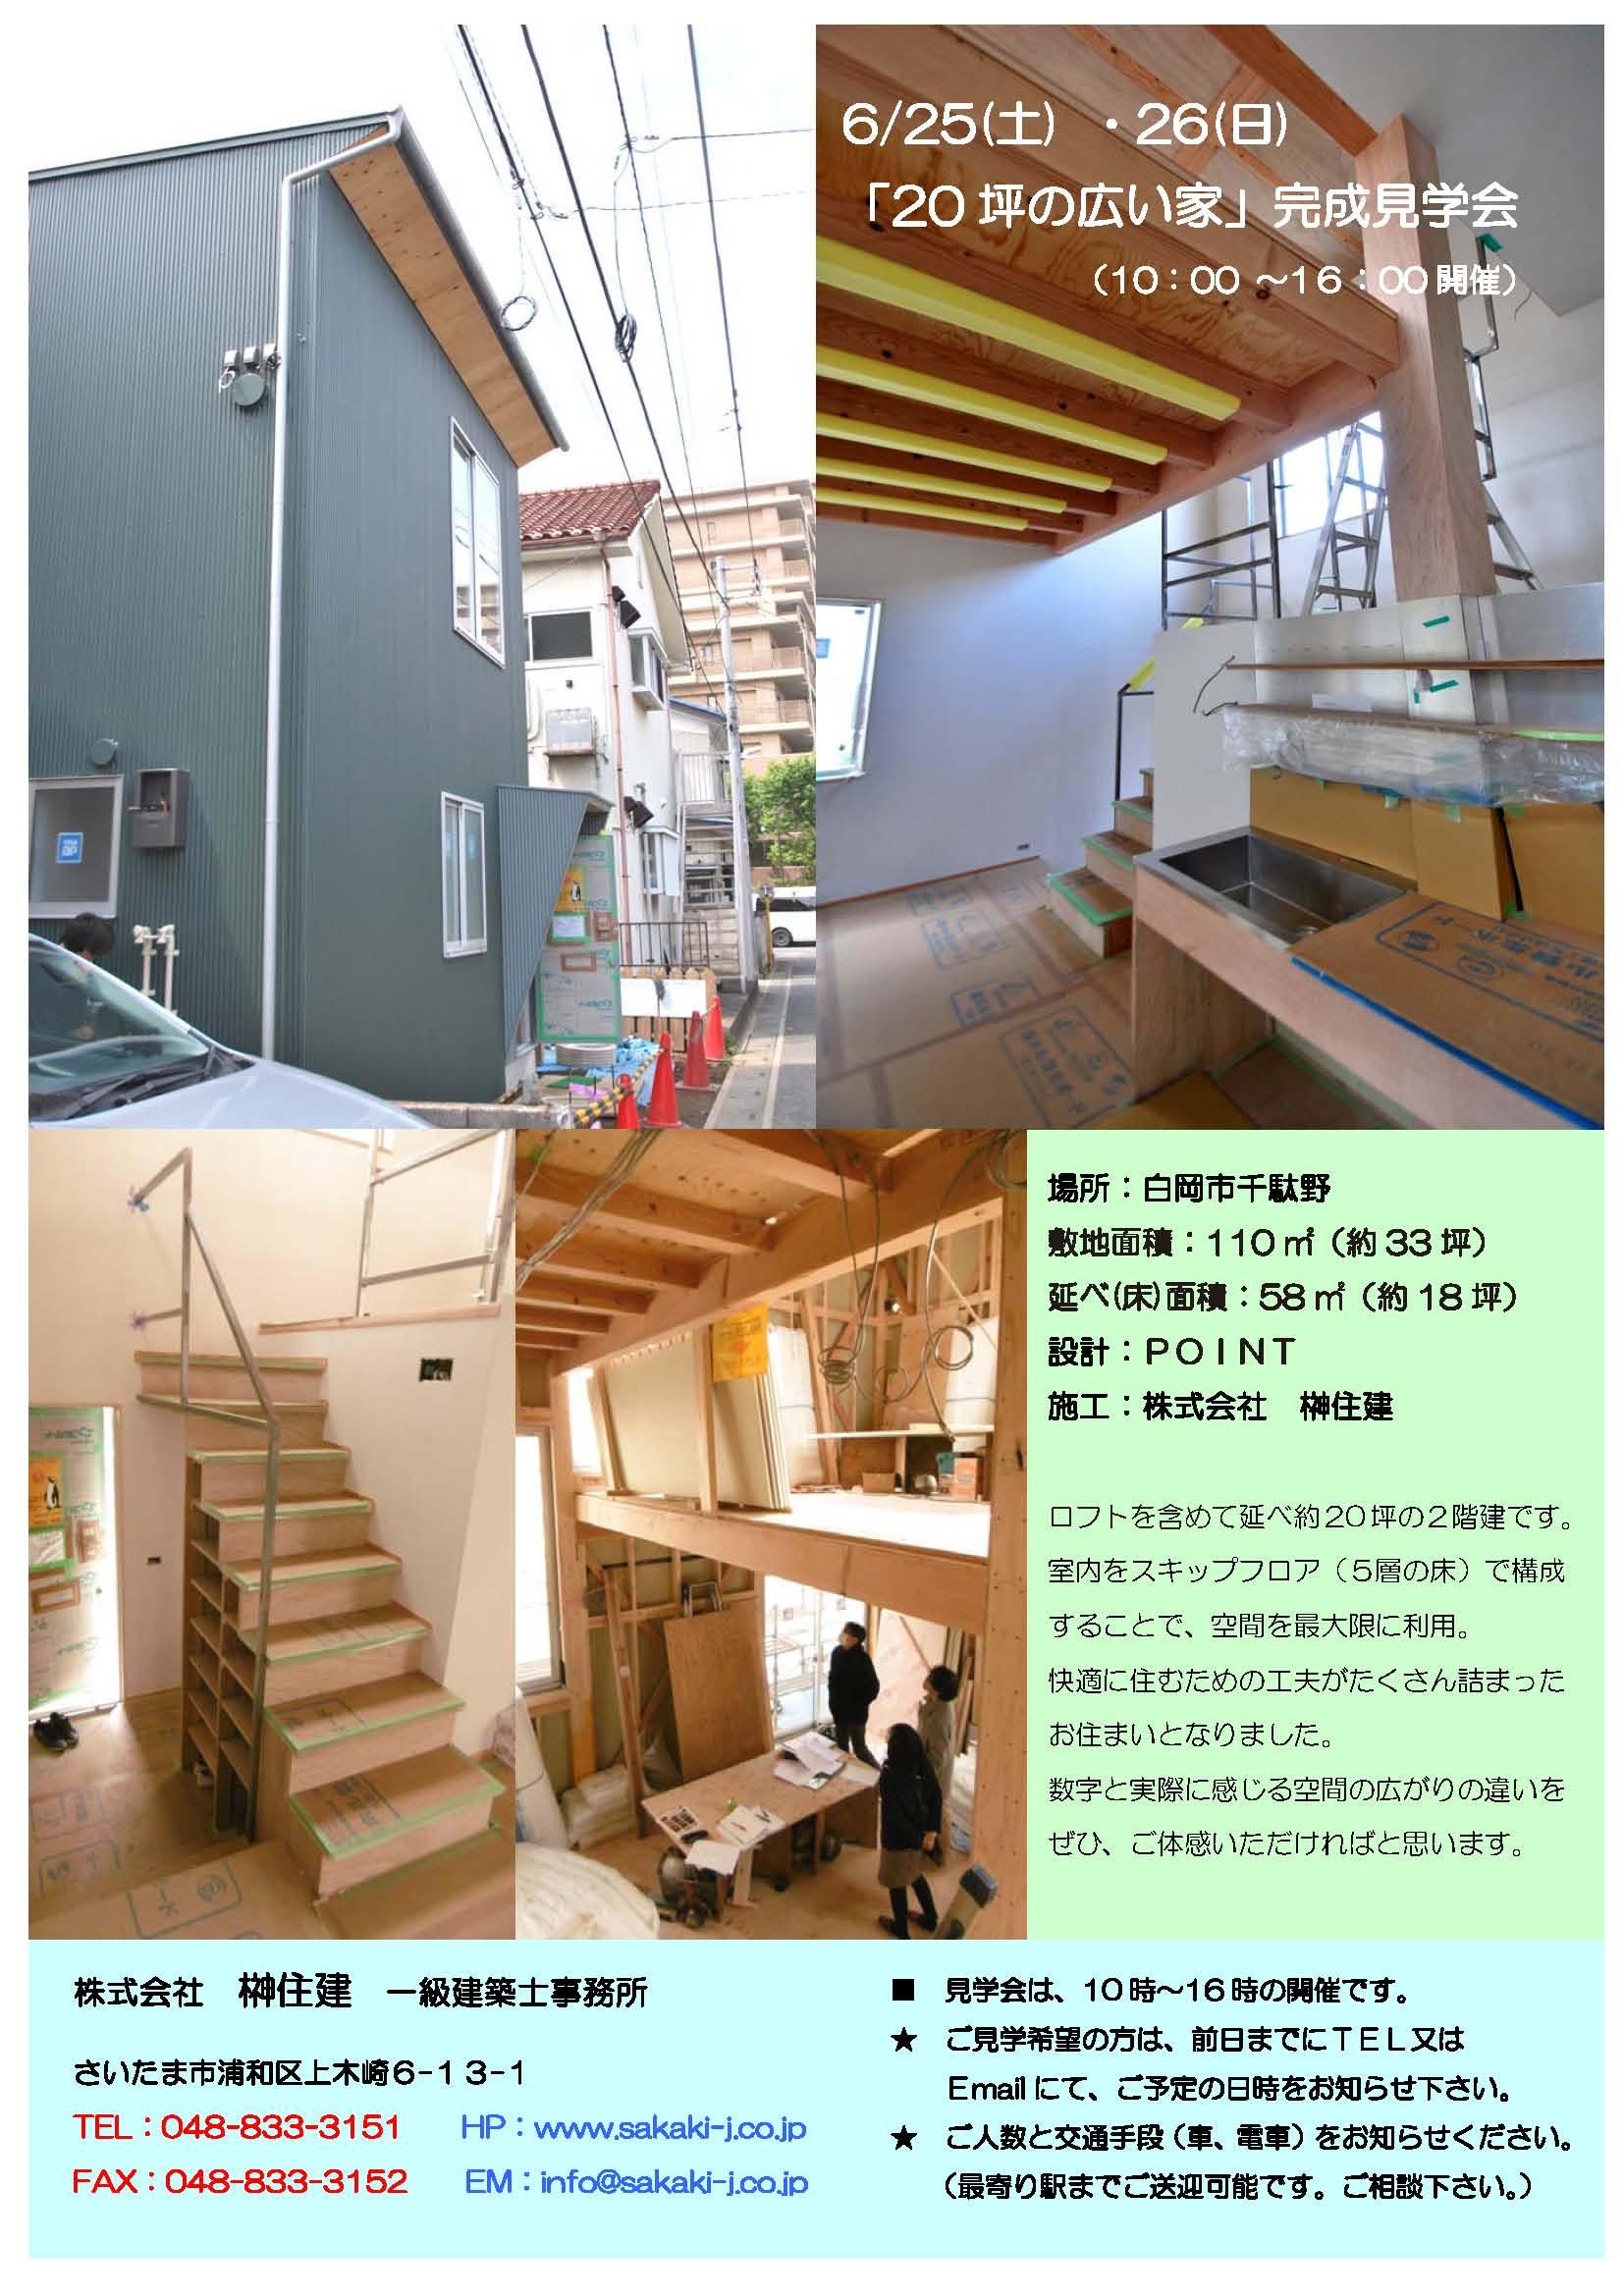 6/25(土)・26(日) 【完成見学会】 at 白岡市